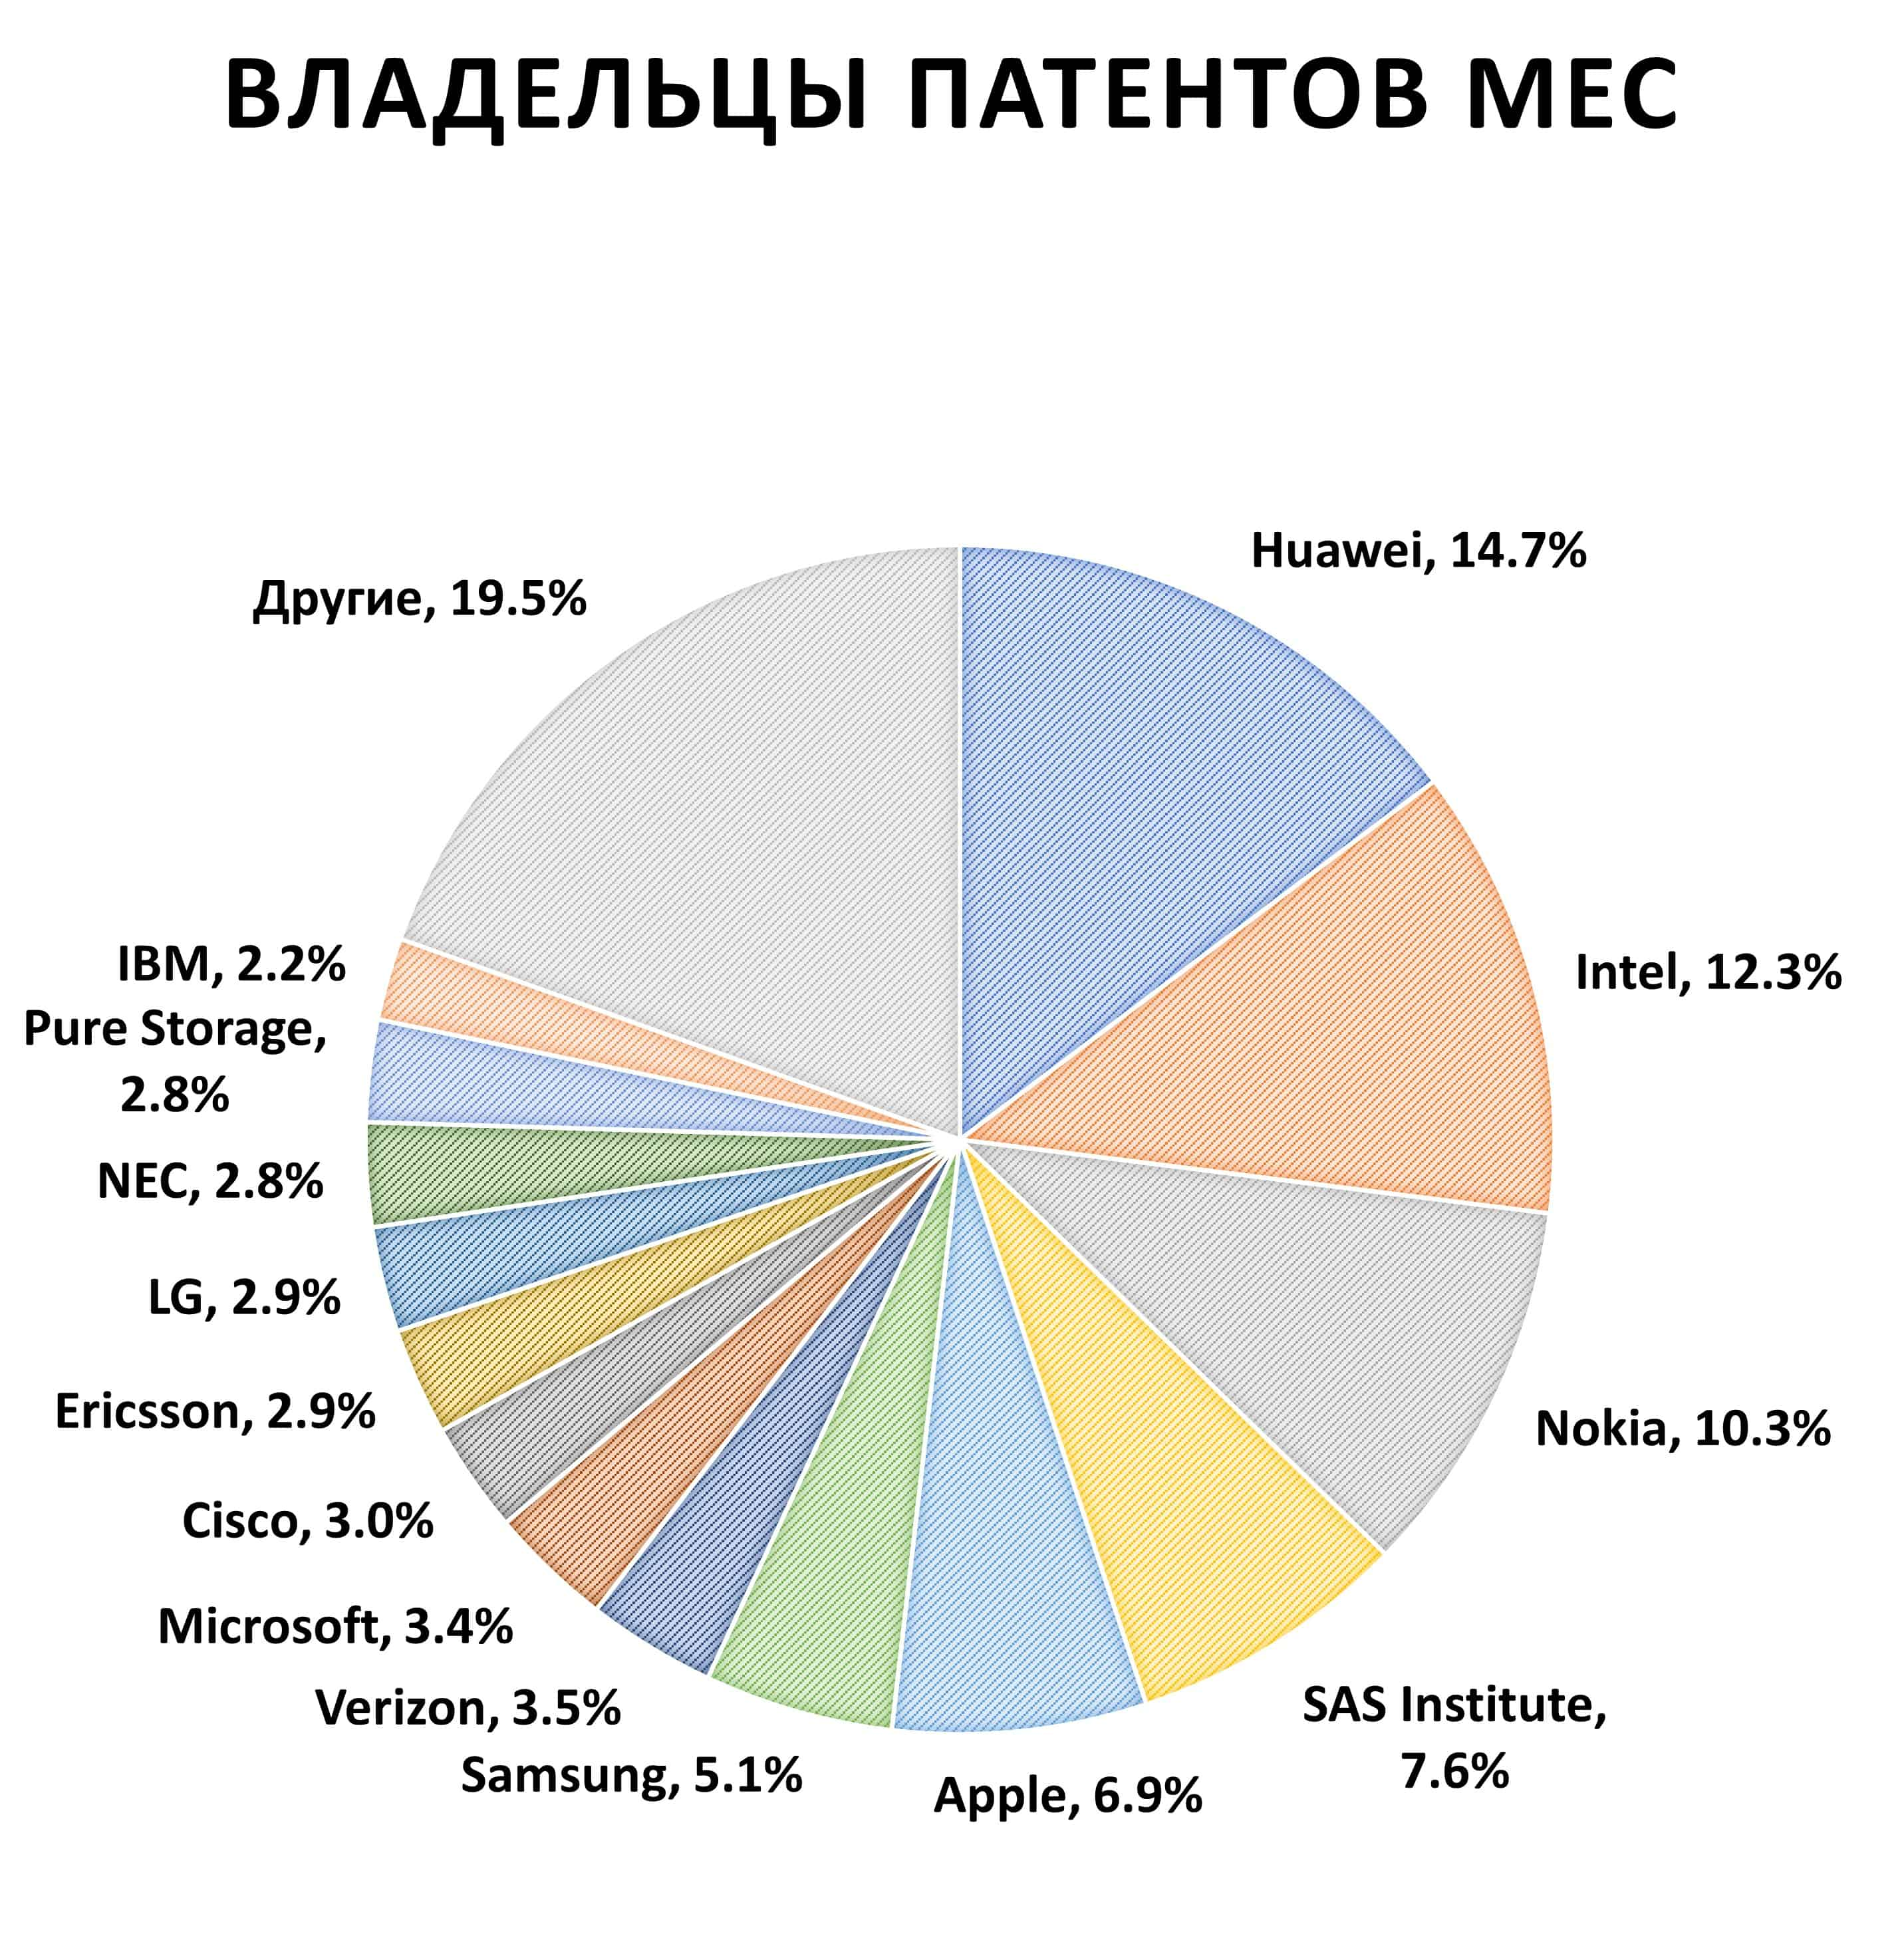 Владельцы патентов на MEC.